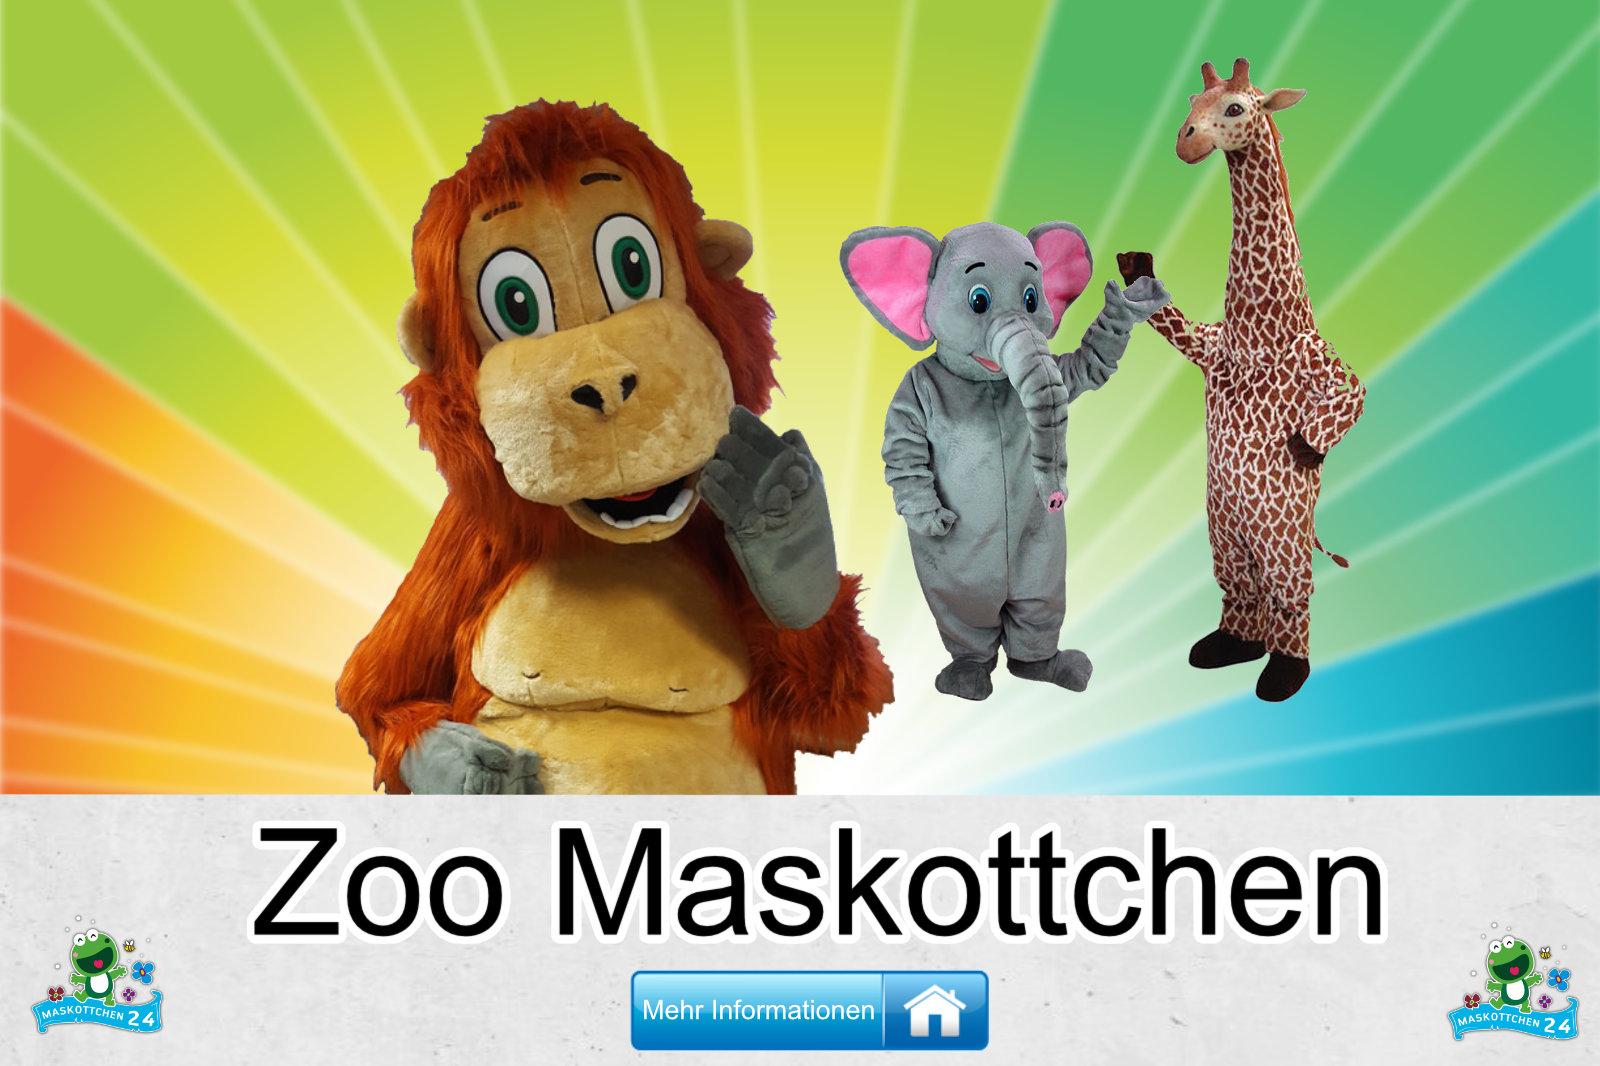 Kostüm Maskottchen Günstig Kaufen Produktion Zoo